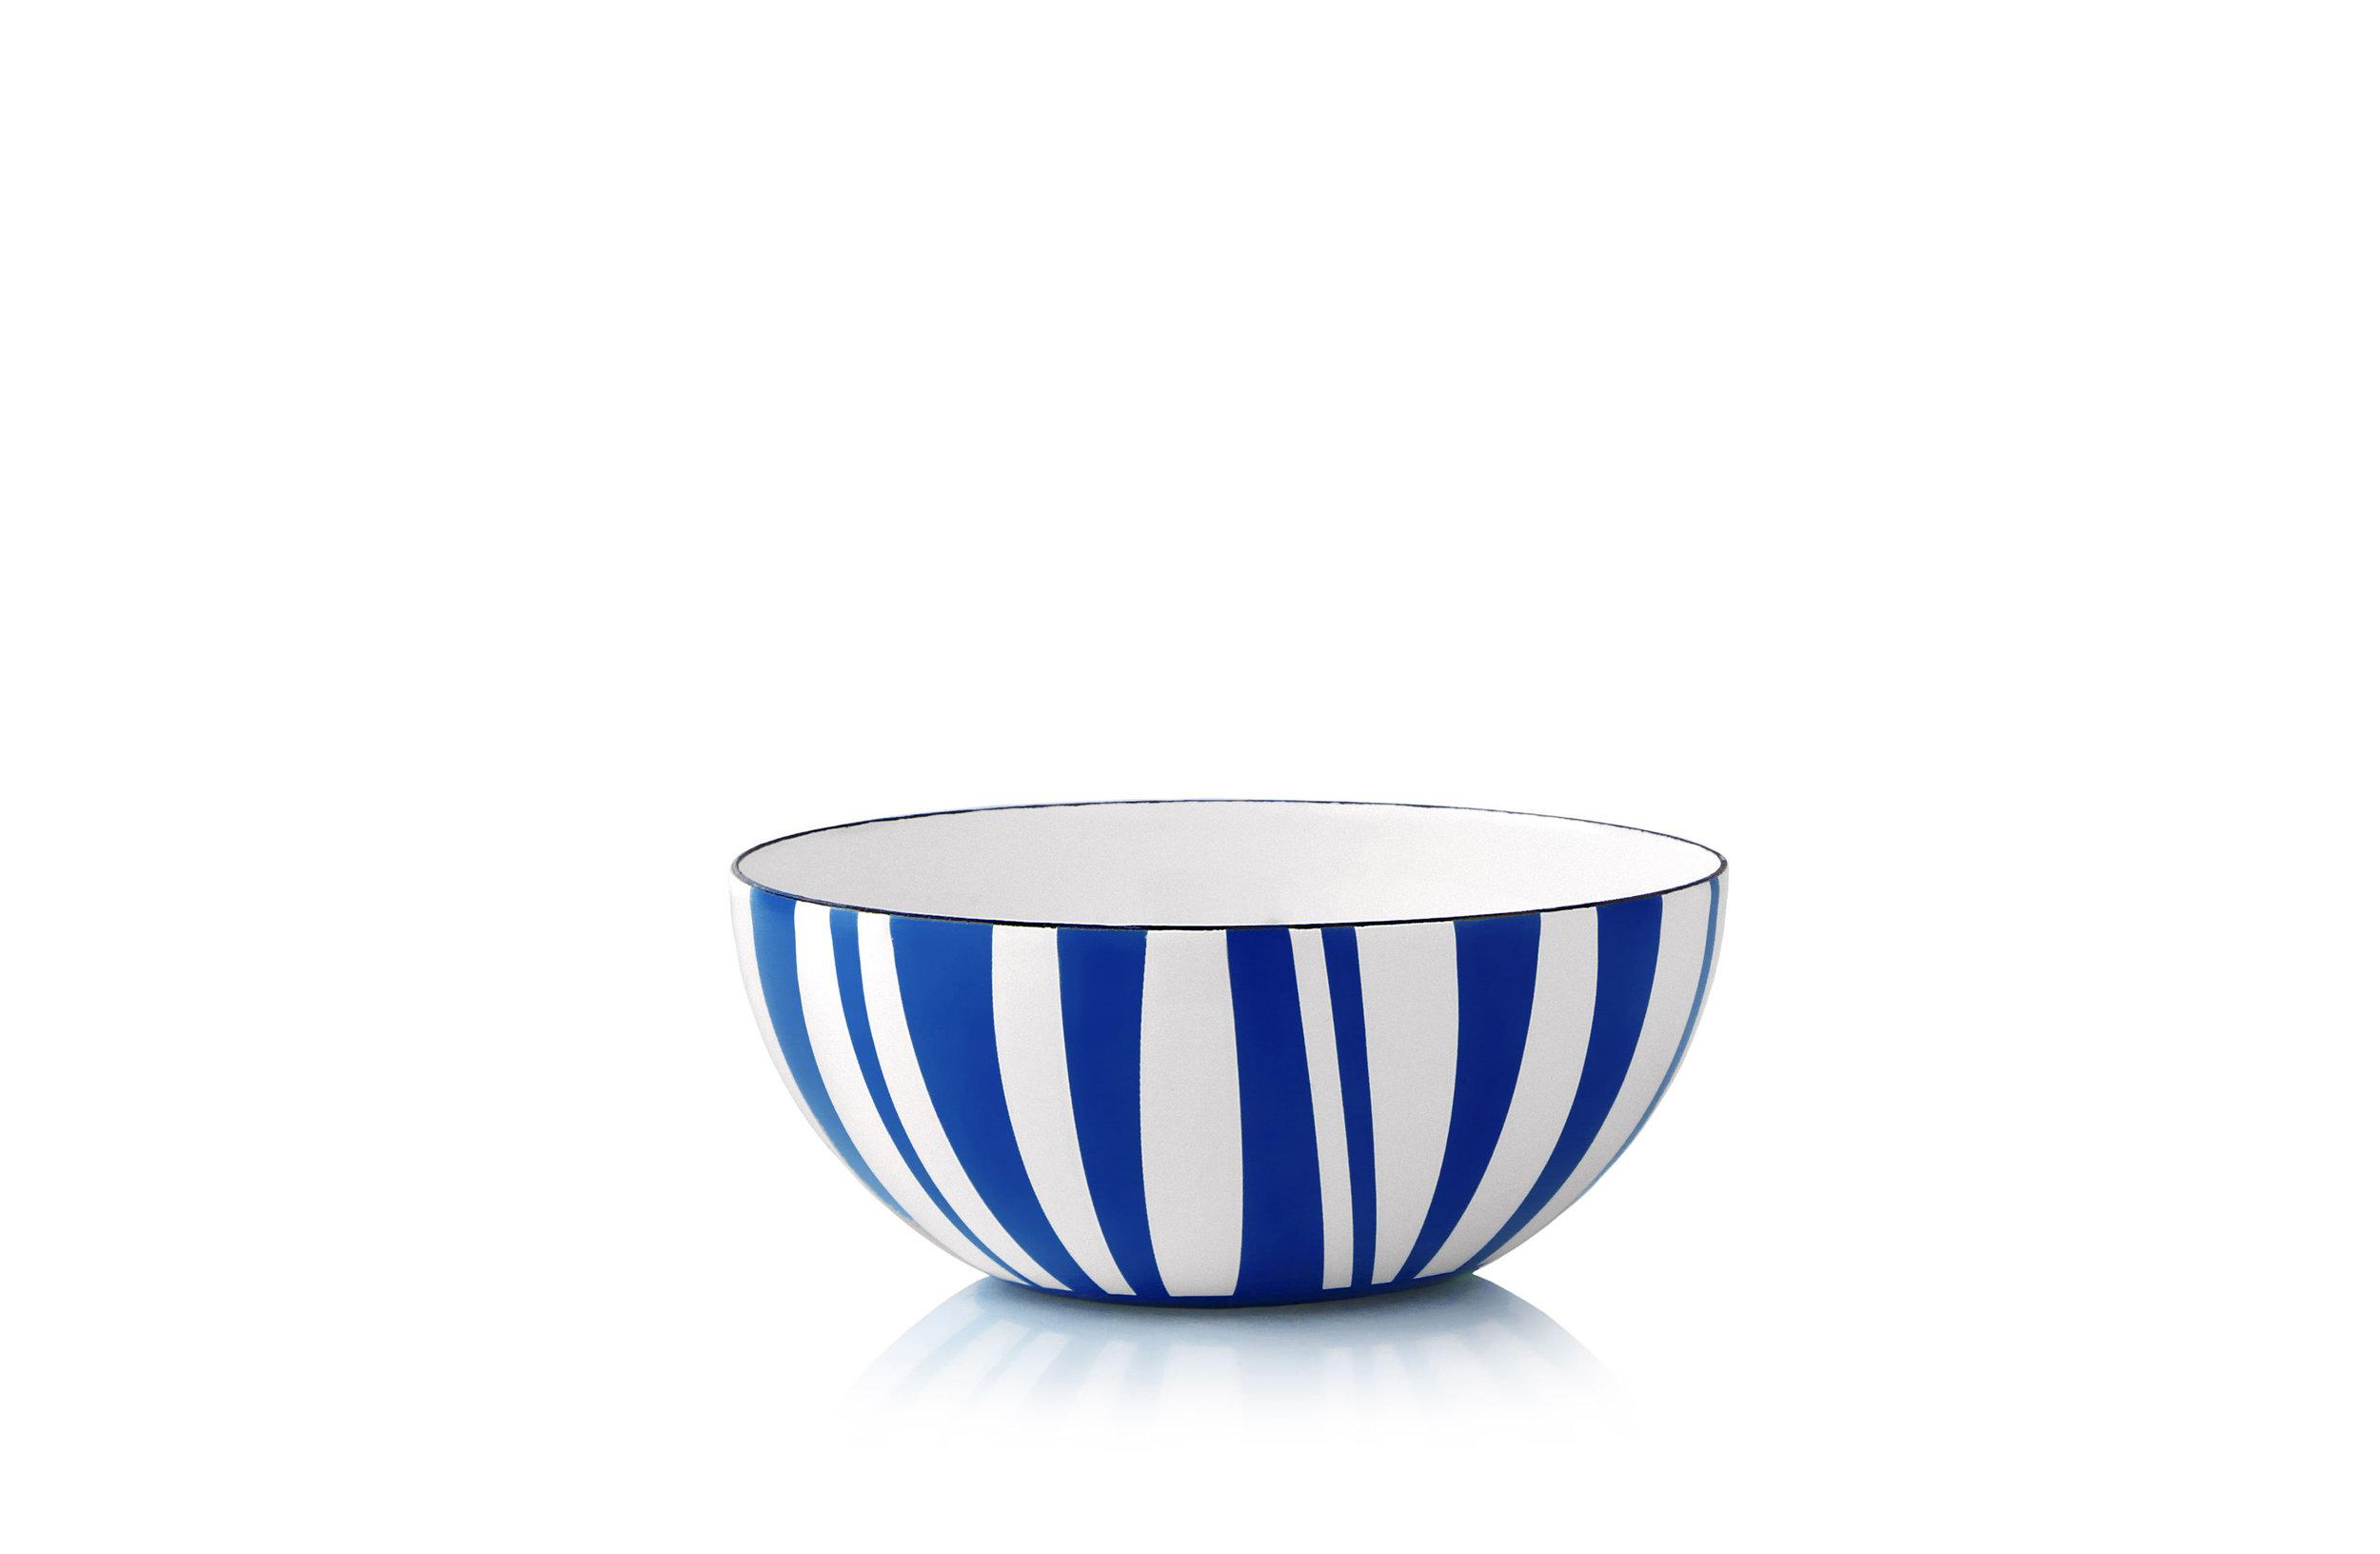 14 cm - Stripes collectionBlue